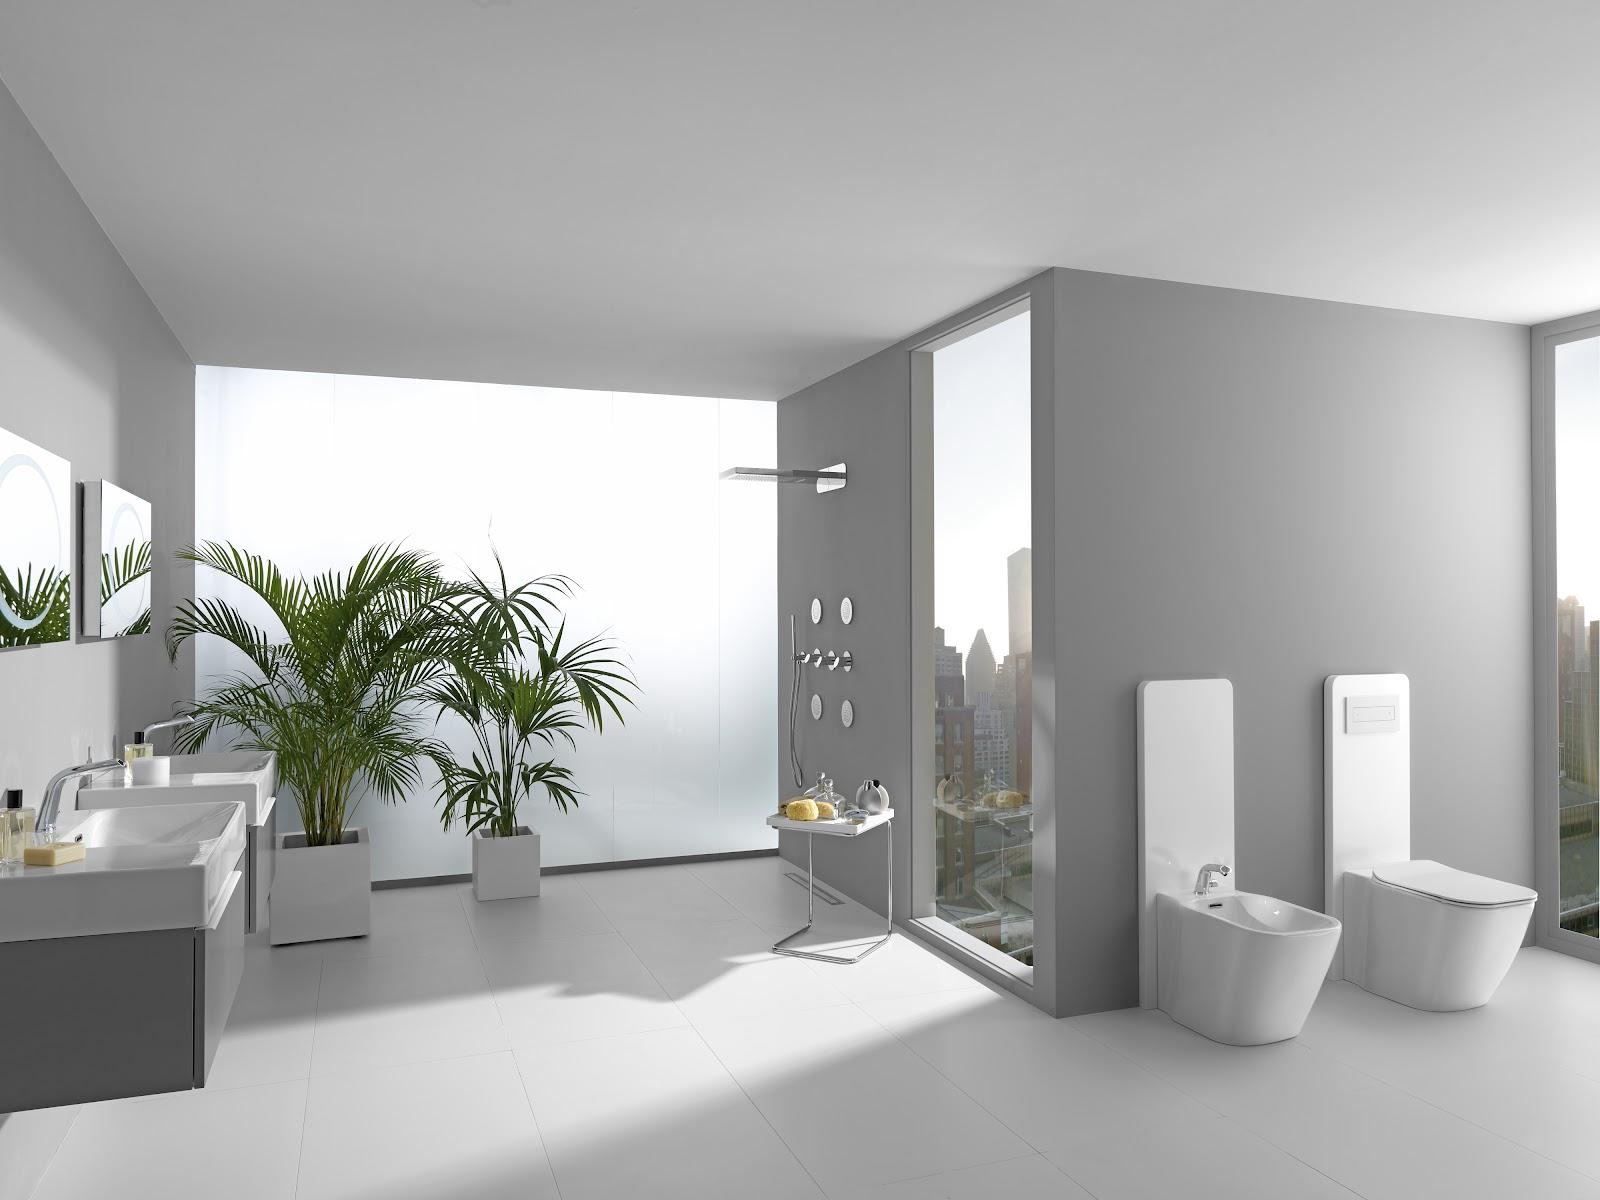 Baños Diseno Porcelanosa:Essence-C de Noken, alta costura para el baño